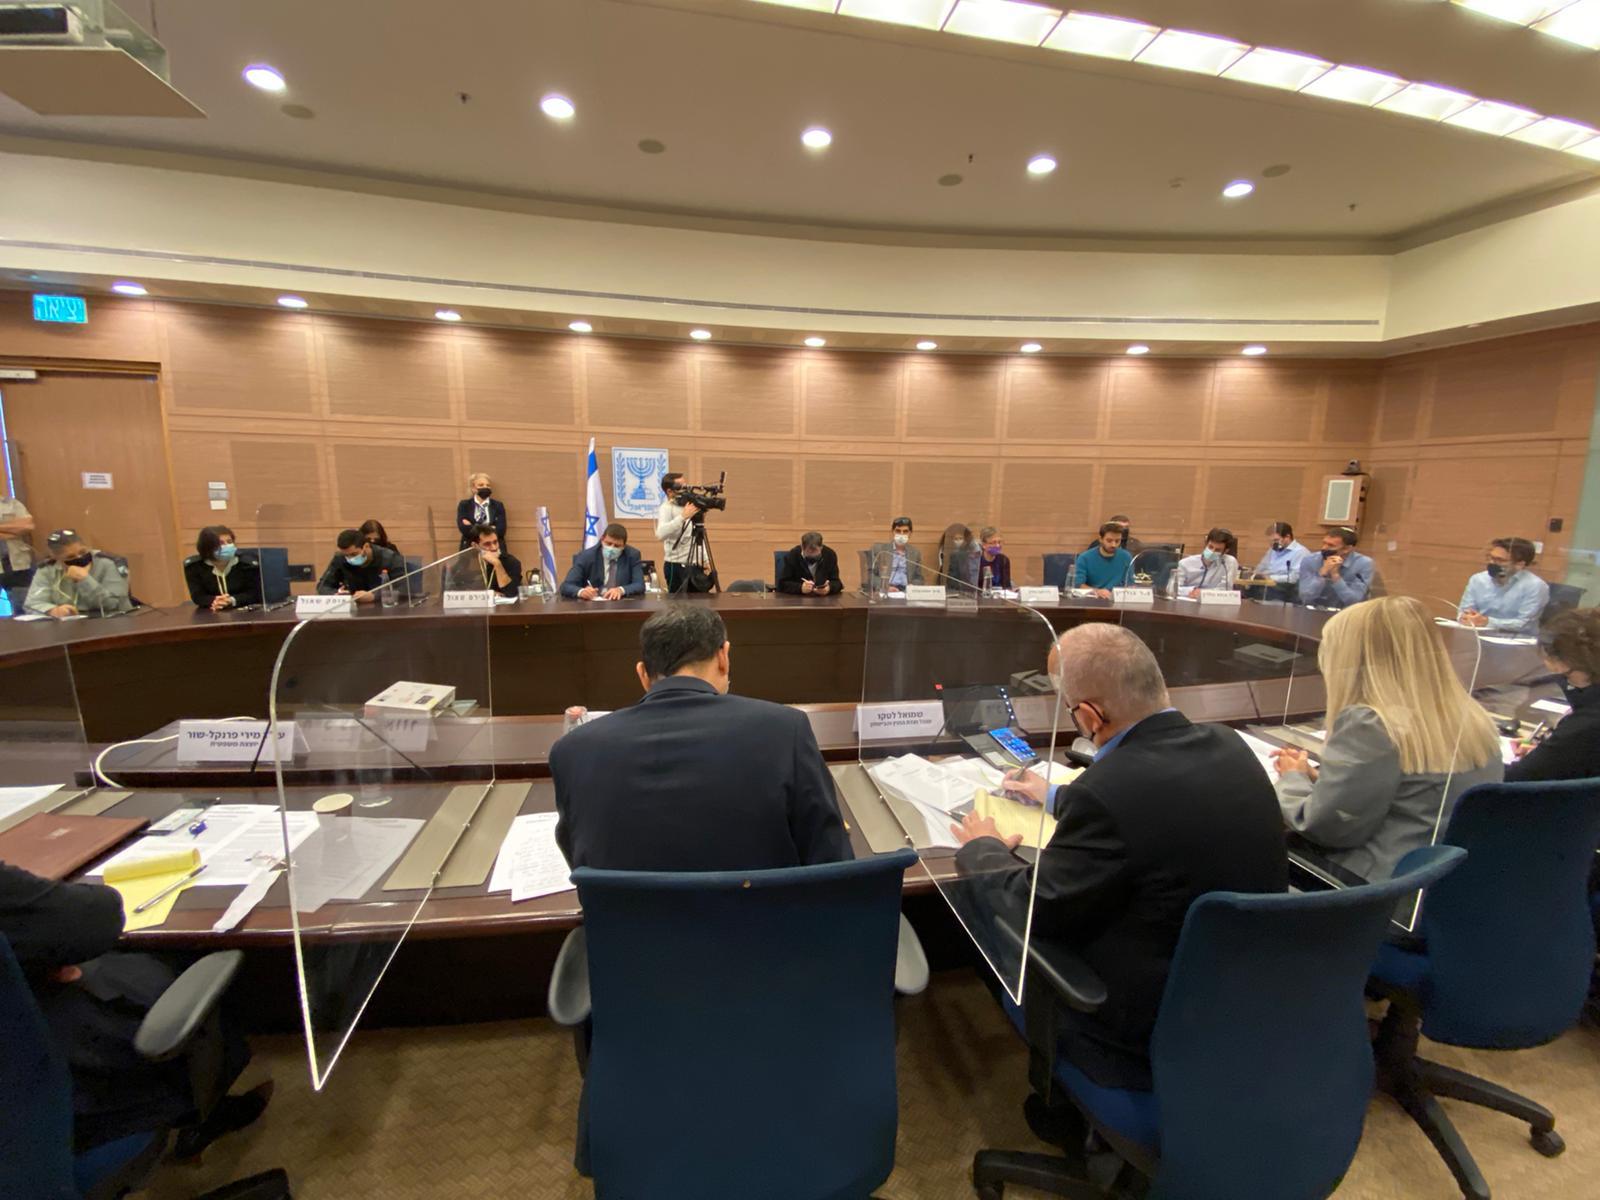 ועדת הכספים בדיון עניין תקציב בתי החולים הציבוריים שעודנו מתקיים